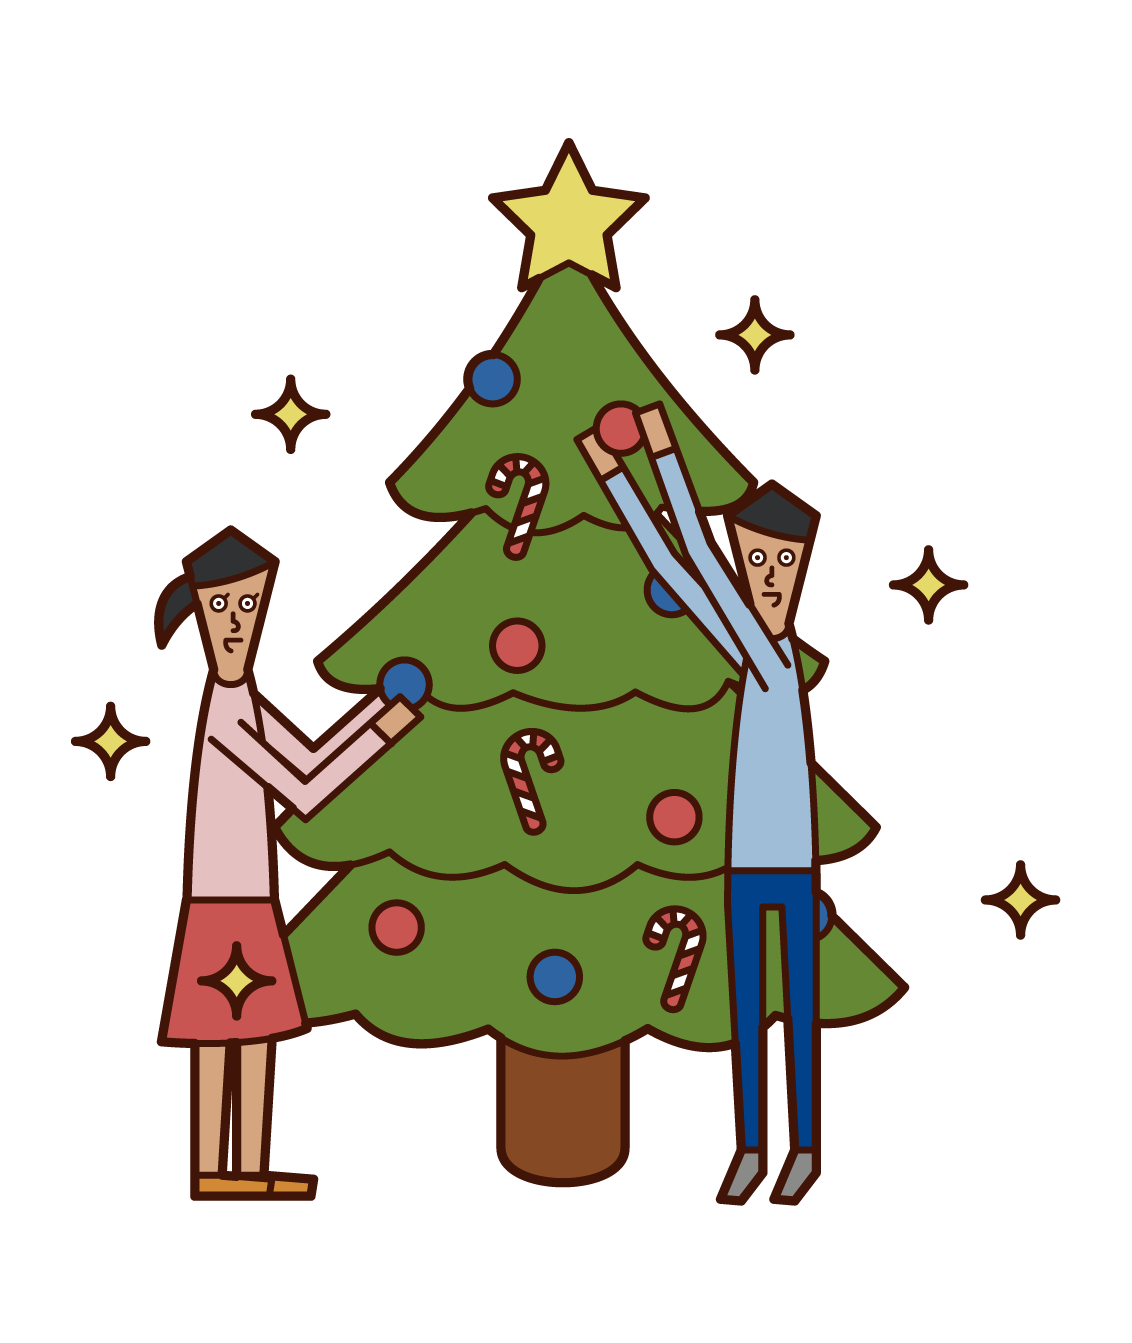 クリスマスツリーの飾り付けを楽しむ子供たち(男女)のイラスト